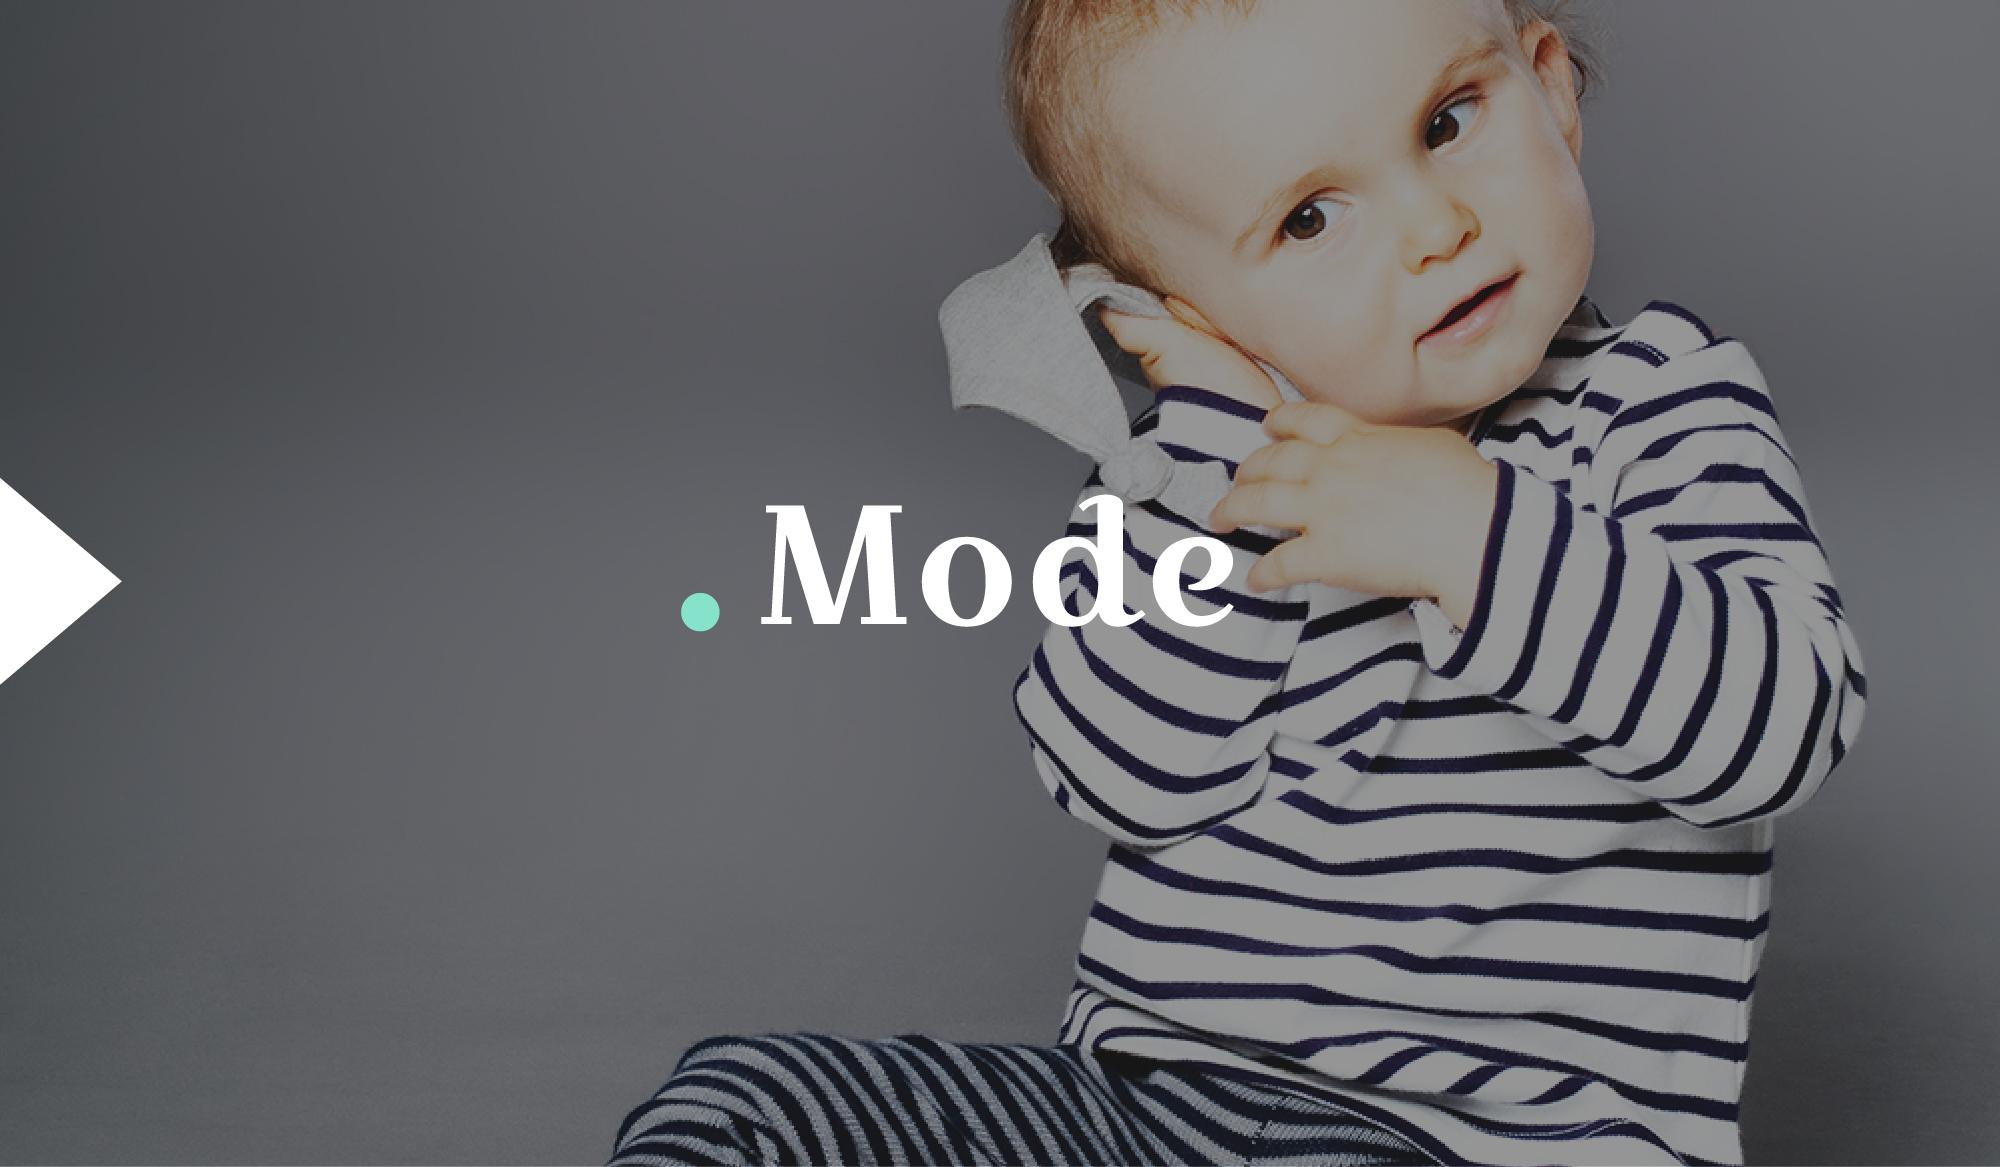 mode, stylisme produits bébé enfant Ekyog by DGGD